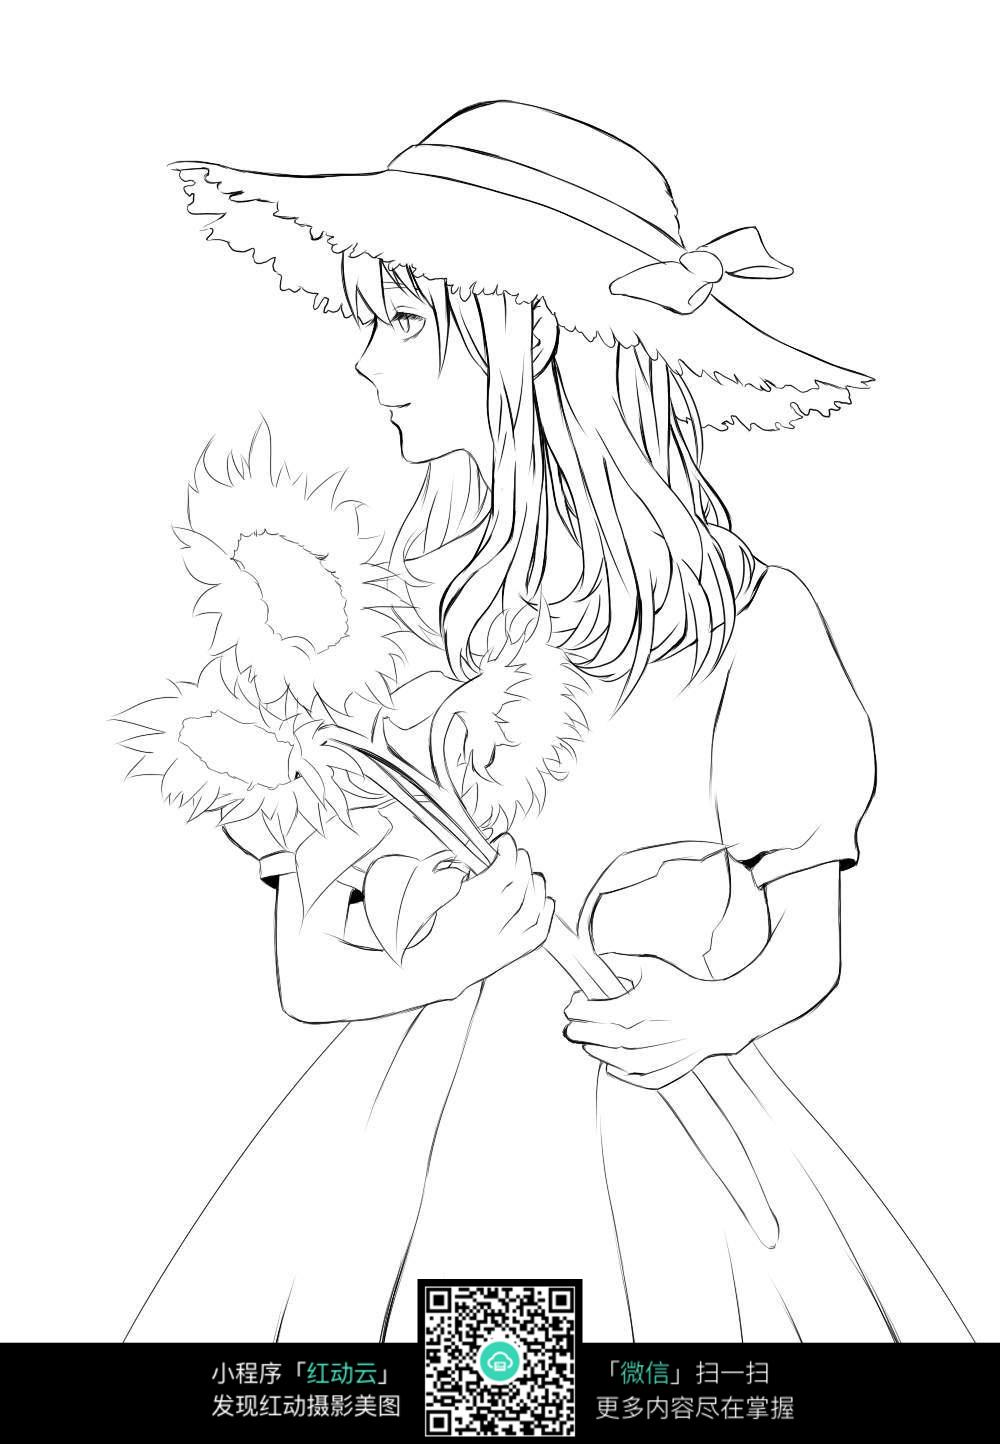 戴帽子的女孩卡通手绘